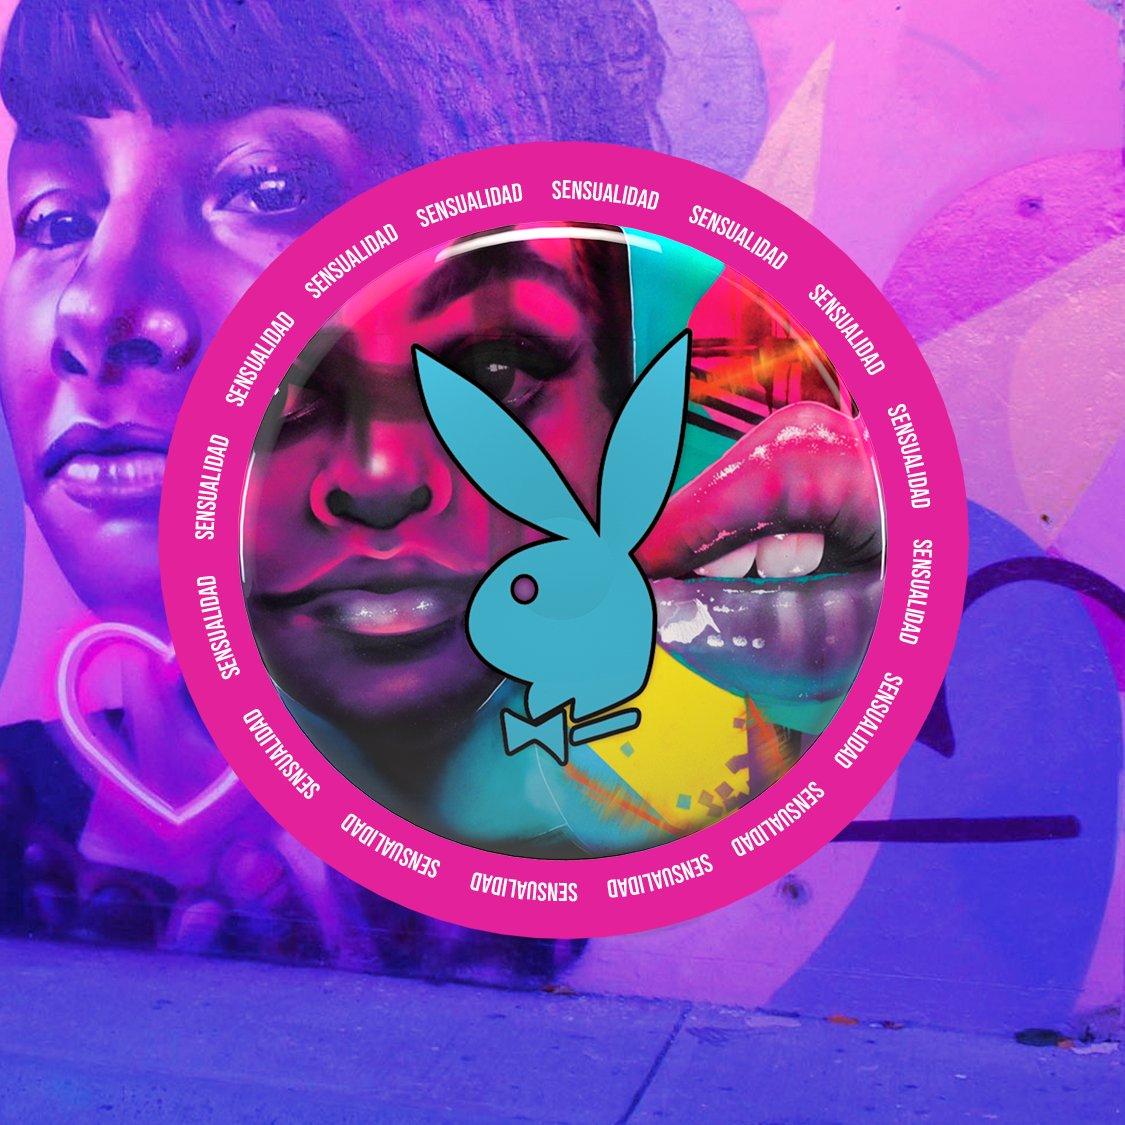 El talento de Janín dio vida a esta sexy lata de PlayPack Urban ¿Te gustaría tener una?  #LoSexyDeLaCalle #Urban #Art https://t.co/KGsS3oM8jU